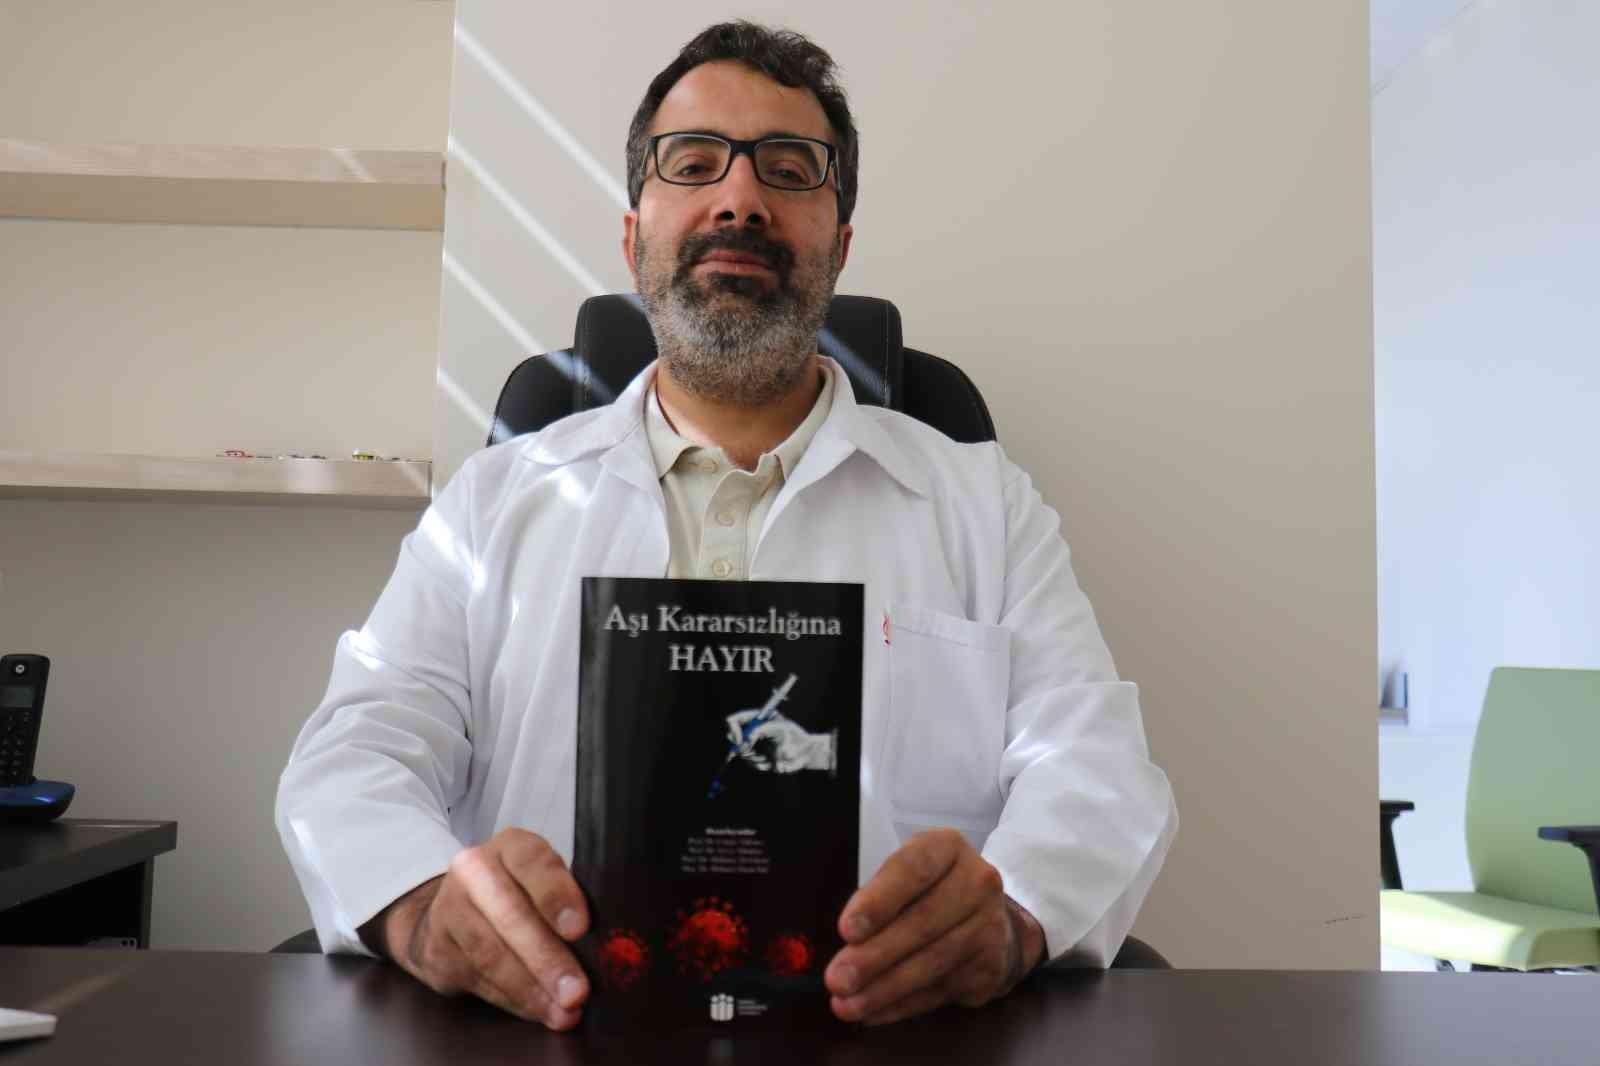 Bilim insanlarından aşı kararsızlığına karşı farkındalık kitabı